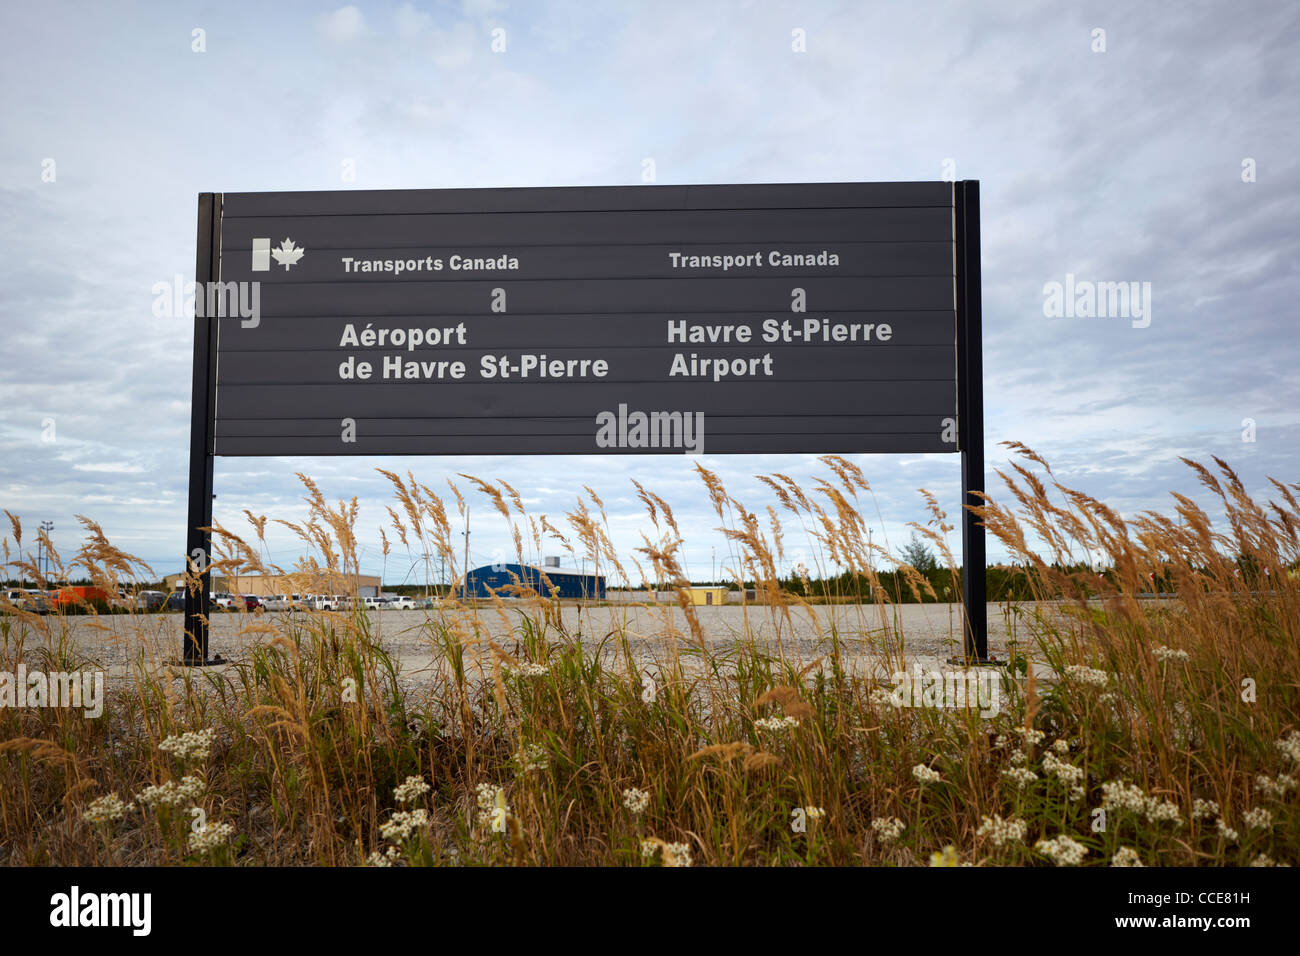 Havre St-Pierre Airport Sign (Aeroport de Havre St-Pierre), Quebec, Canada - Stock Image